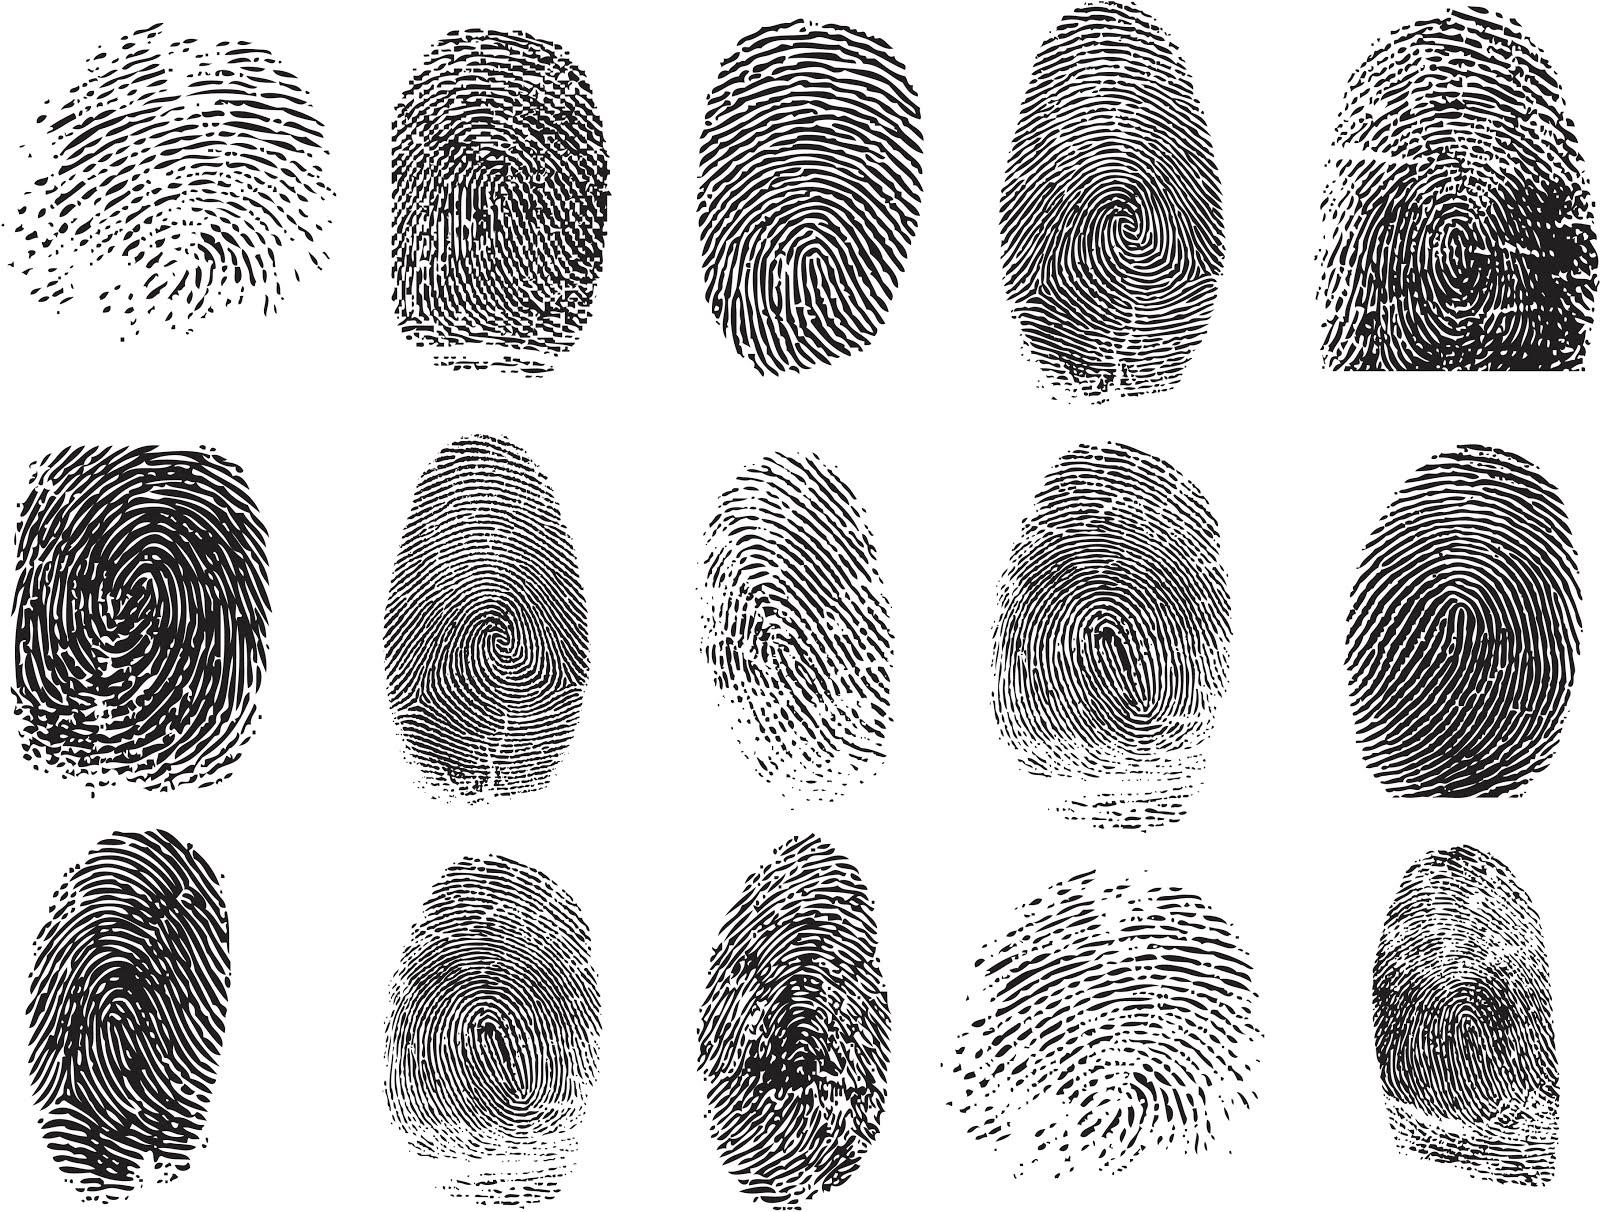 Учёные научили нейросети генерировать универсальные отпечатки пальцев, которые взламывают систему спяти попыток